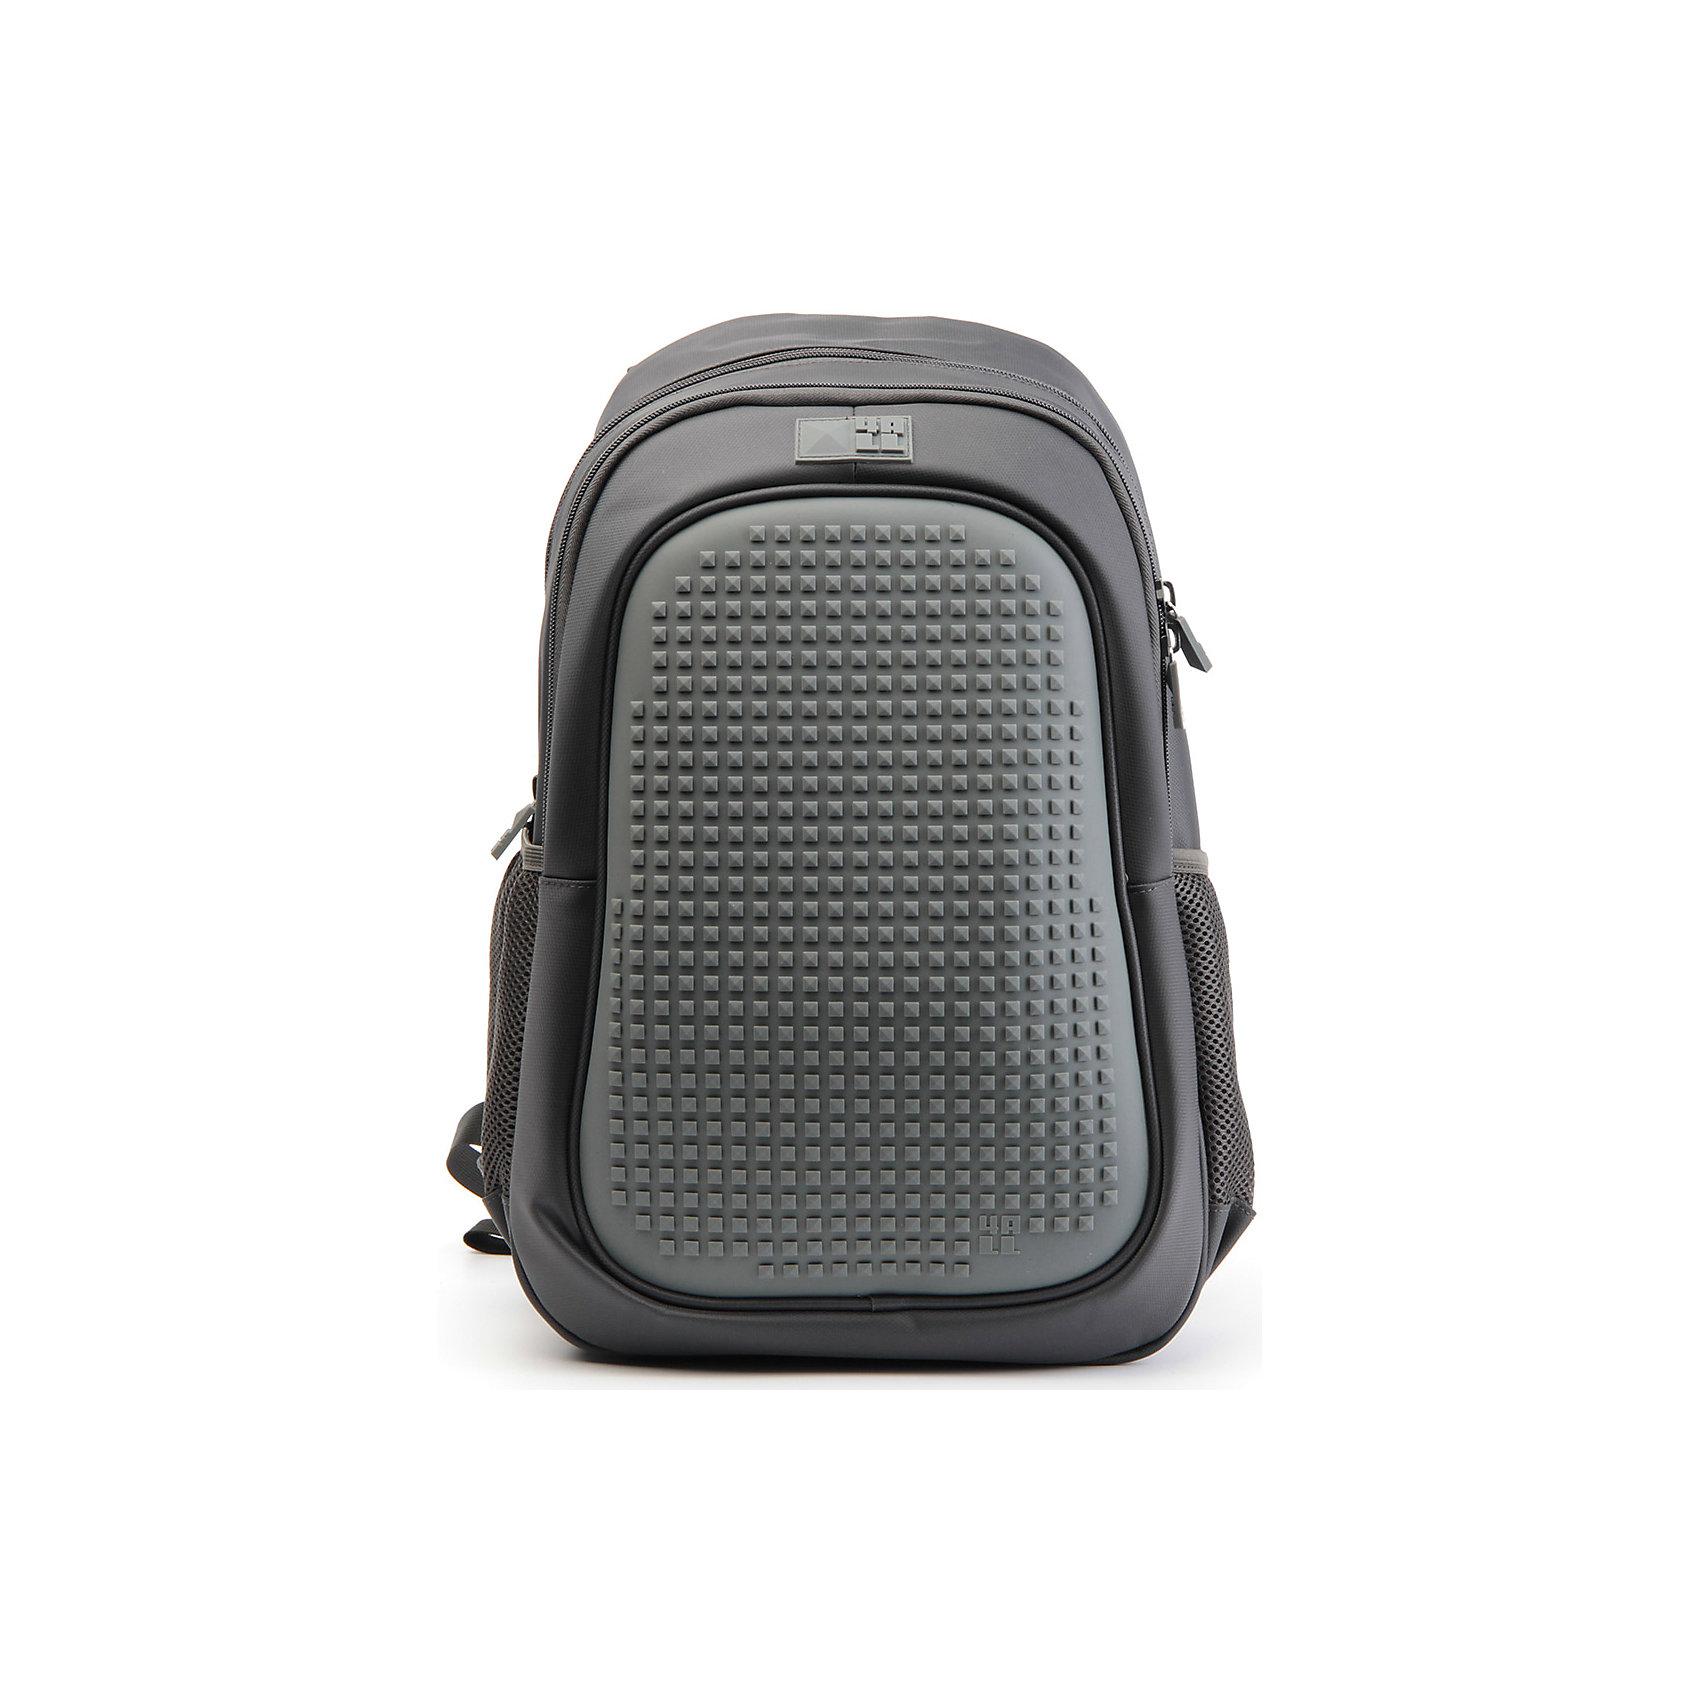 Рюкзак 4ALL  Case, темно-серыйРюкзаки<br>Яркий, вместительный рюкзак с одним большим отделением, карманом и силиконовой панелью для творчества. Развлечение и первые опыты в современном искусстве!<br>Такой современный и интересный ранец будет прекрасным подарком к 1 сентября!<br><br>Особенности:<br>AIR COMFORT system:<br>- Система свободной циркуляции воздуха между задней стенкой рюкзака и спиной ребенка.<br>- Совместно с ортопедической спиной ERGO system эта система воздухообмена делает ежедневное использование рюкзаков KIDS безопасным для здоровья и максимально комфортным!<br>ERGO system:<br>- Разработанная нами система ERGO служит равномерному распределению нагрузки на спину ребенка. Она способна сделать рюкзак, наполненный учебниками, легким. ERGO служит сохранению правильной осанки и заботится о здоровье позвоночника!<br>Ортопедическая спина:<br>- Важное свойство наших рюкзаков - ортопедическая спина! Способна как корсет поддерживать позвоночник, правильно распределяя нагрузку, а так же обеспечивает циркуляцию воздуха между задней стенкой рюкзака и спиной ребенка!<br>А также:<br>- Гипоаллергенный силикон;<br>- Водоотталкивающие материалы;<br>- Устойчивость всех материалов к температурам воздуха ниже 0!<br><br>Дополнительная информация:<br><br>- Рюкзак уже содержит 1 упаковку разноцветных пикселей-битов (300 шт.) для создания картинок<br>- Цвет: темно-серый;<br>- Объем рюкзака: 25,9 л.<br>- Размер в упаковке: 40х27х17 см.<br>- Вес в упаковке: 780 г.<br><br>Рюкзак Kids в темно-сером цвете , можно купить в нашем магазине.<br><br>Ширина мм: 400<br>Глубина мм: 270<br>Высота мм: 170<br>Вес г: 780<br>Возраст от месяцев: 72<br>Возраст до месяцев: 180<br>Пол: Унисекс<br>Возраст: Детский<br>SKU: 4786367